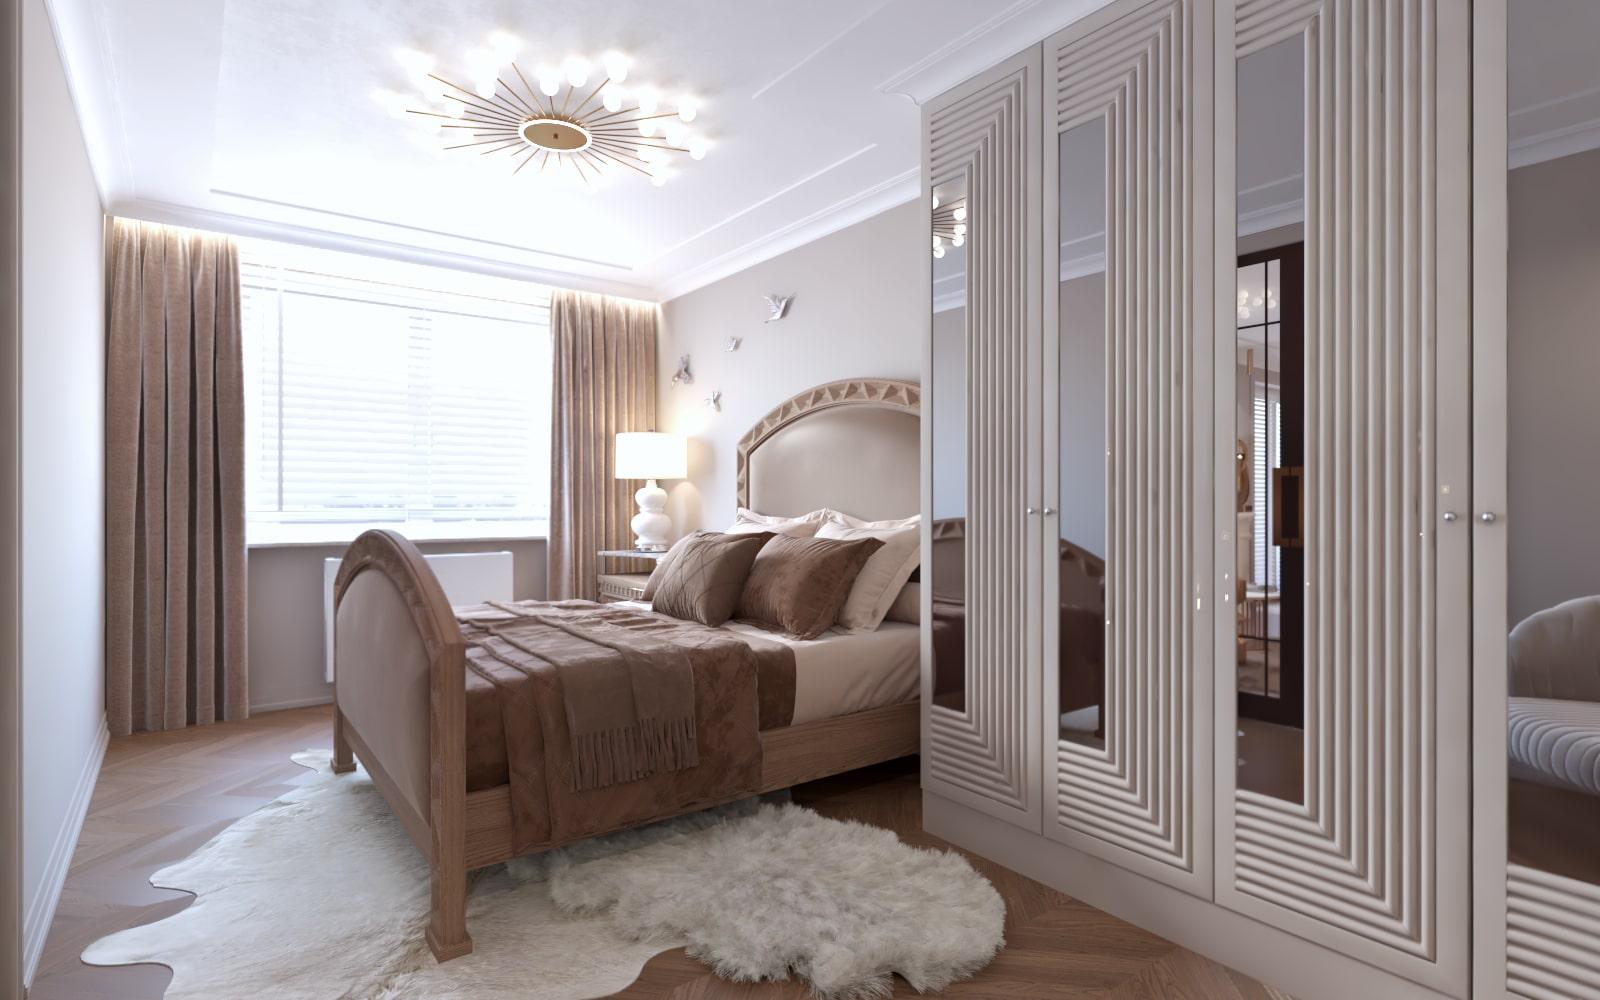 Sypialnia zaprojektowana przez projektantów wnętrz z Krakowa.